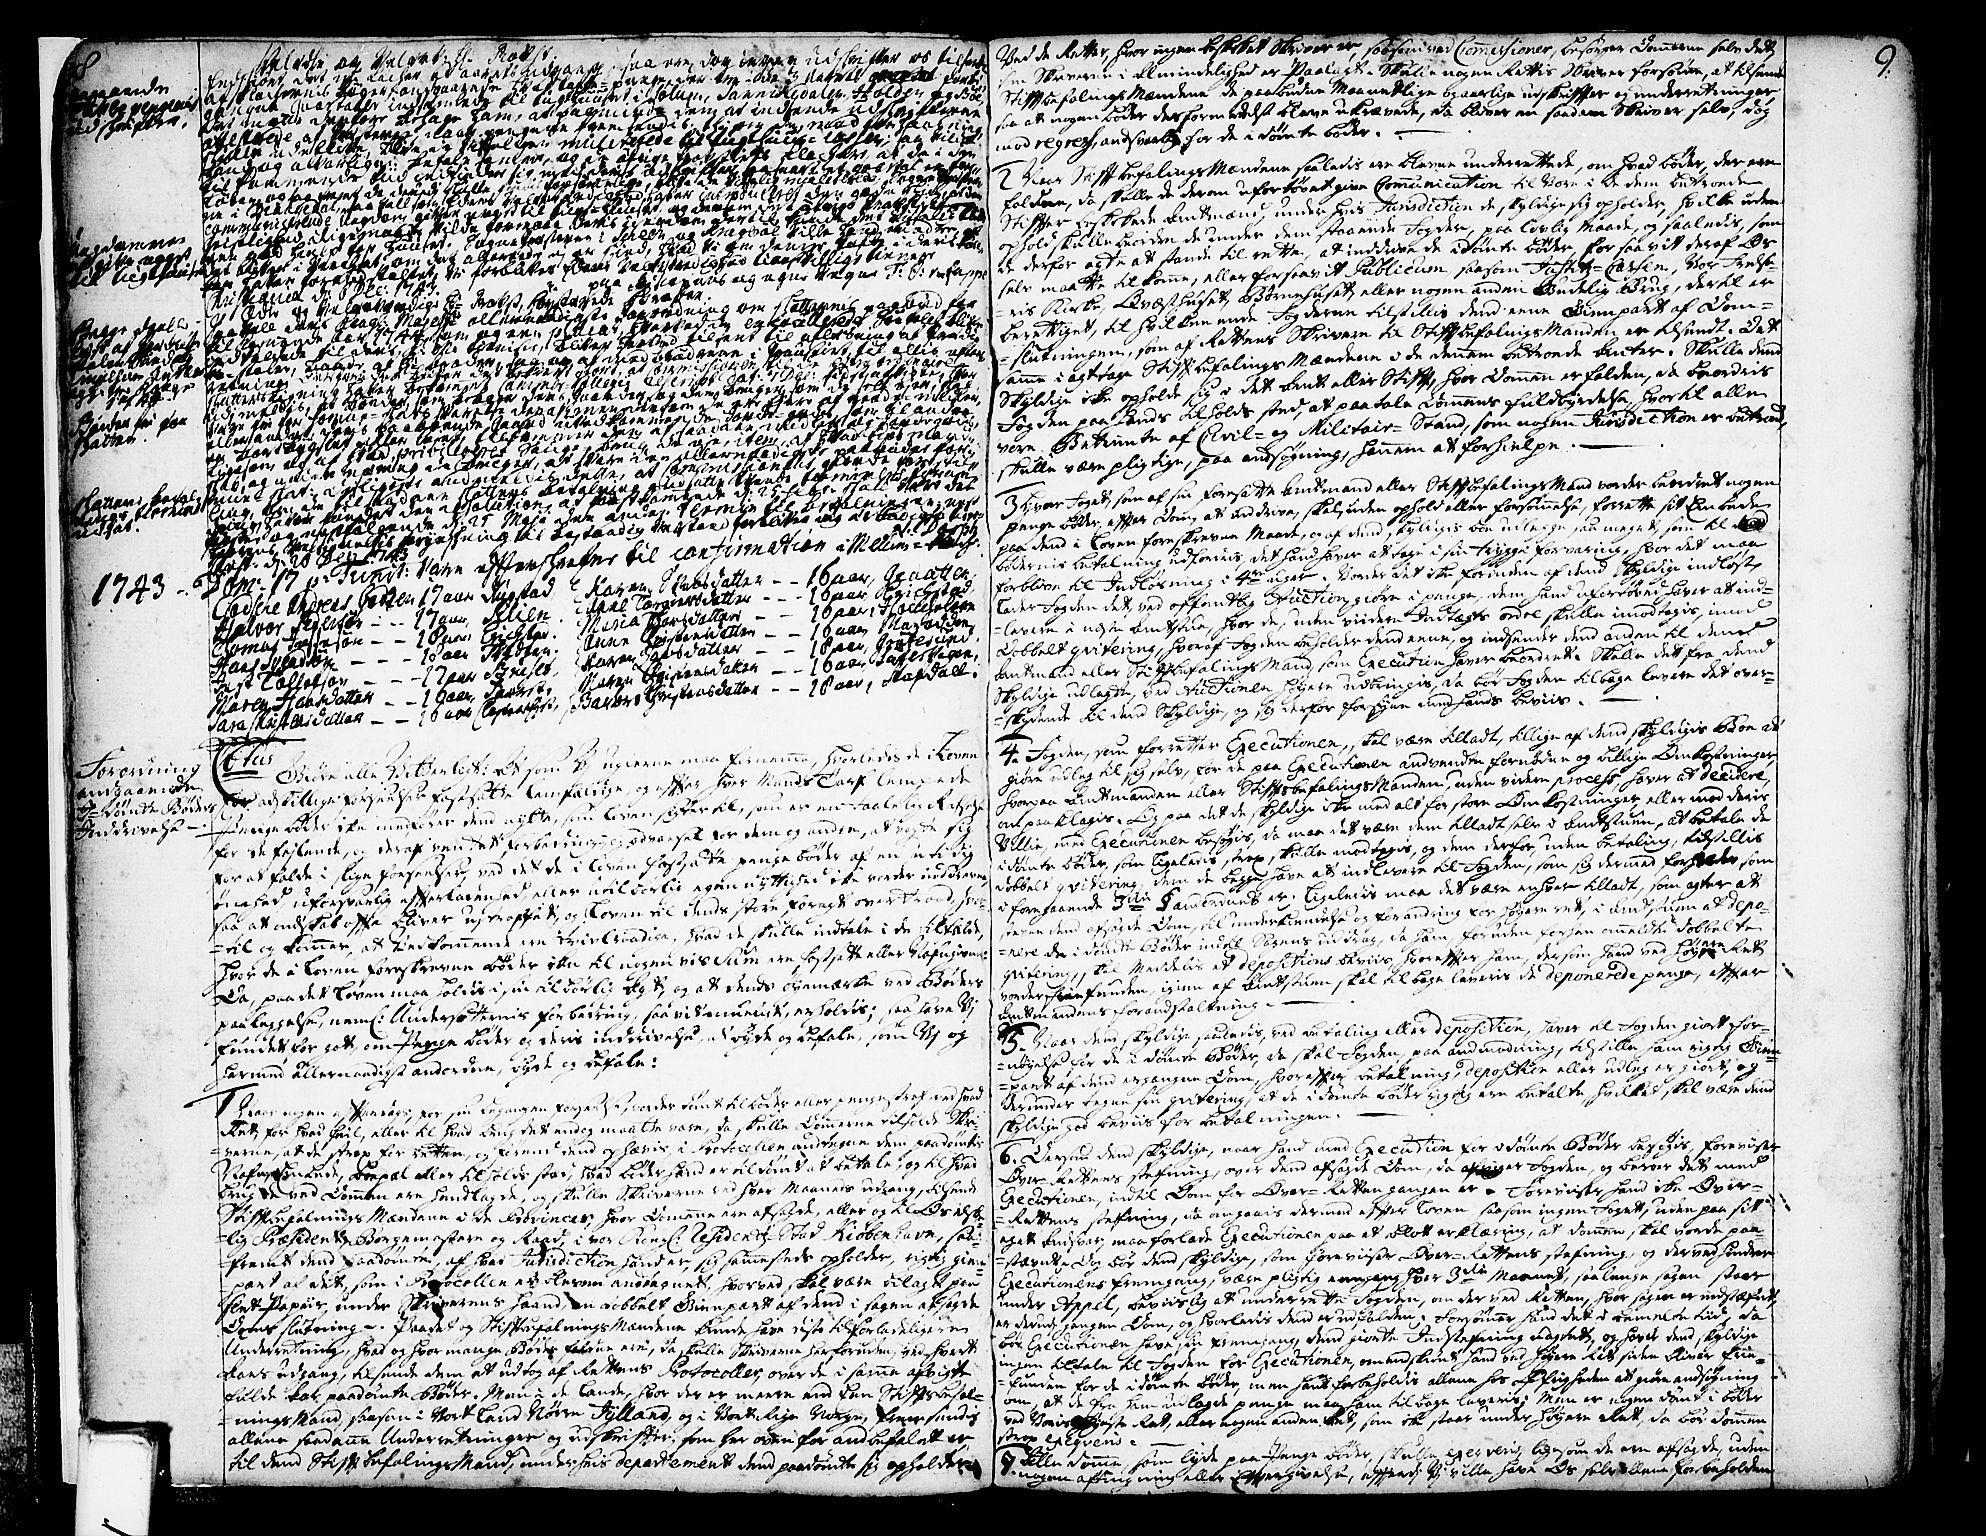 SAKO, Solum kirkebøker, Annen kirkebok nr. ?, 1743-1791, s. 8-9